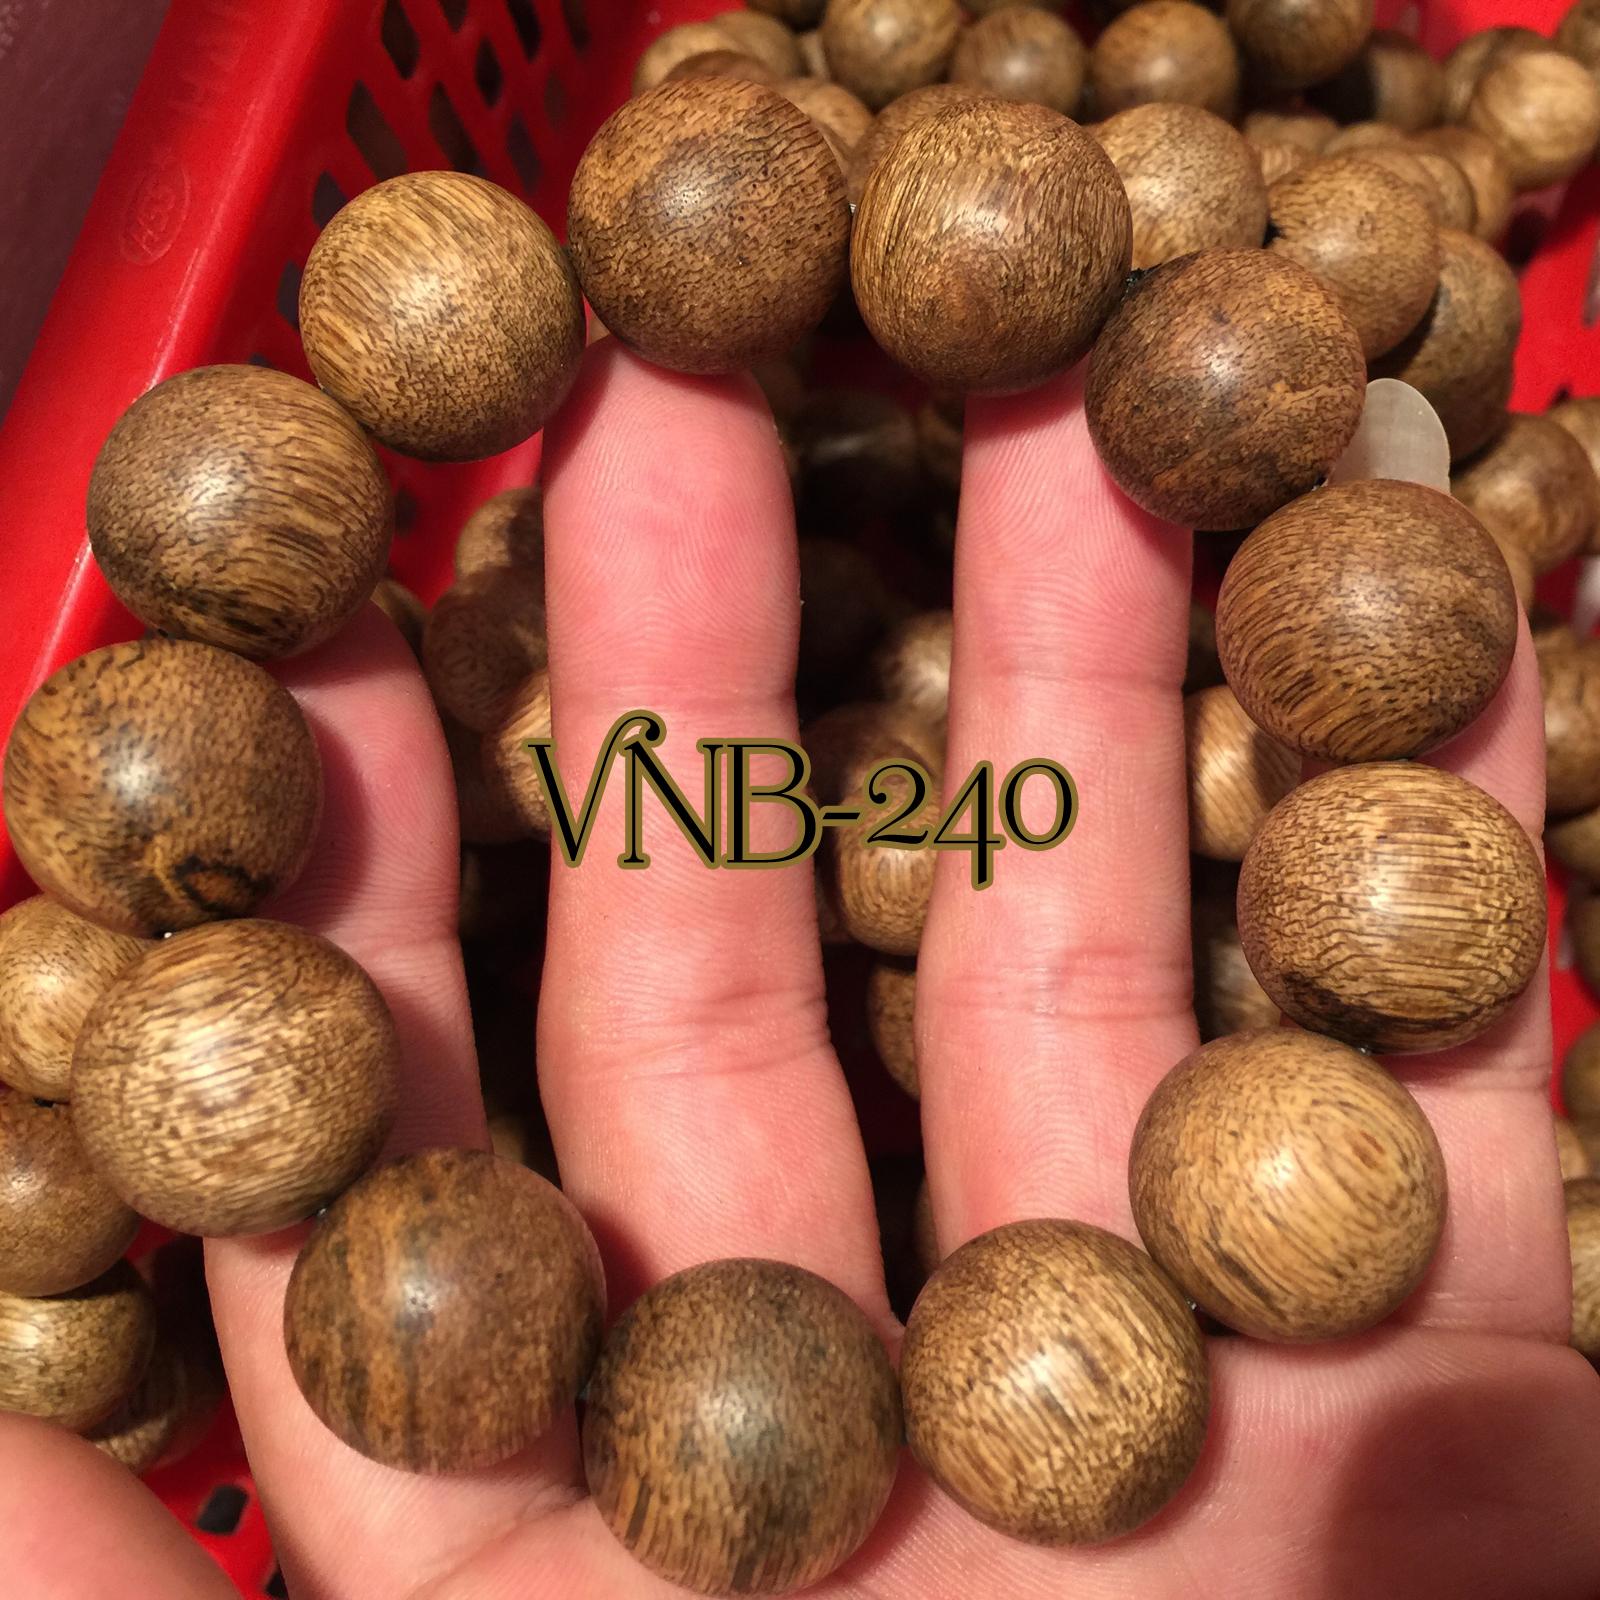 Vòng tay trầm Việt Nam vnb-240